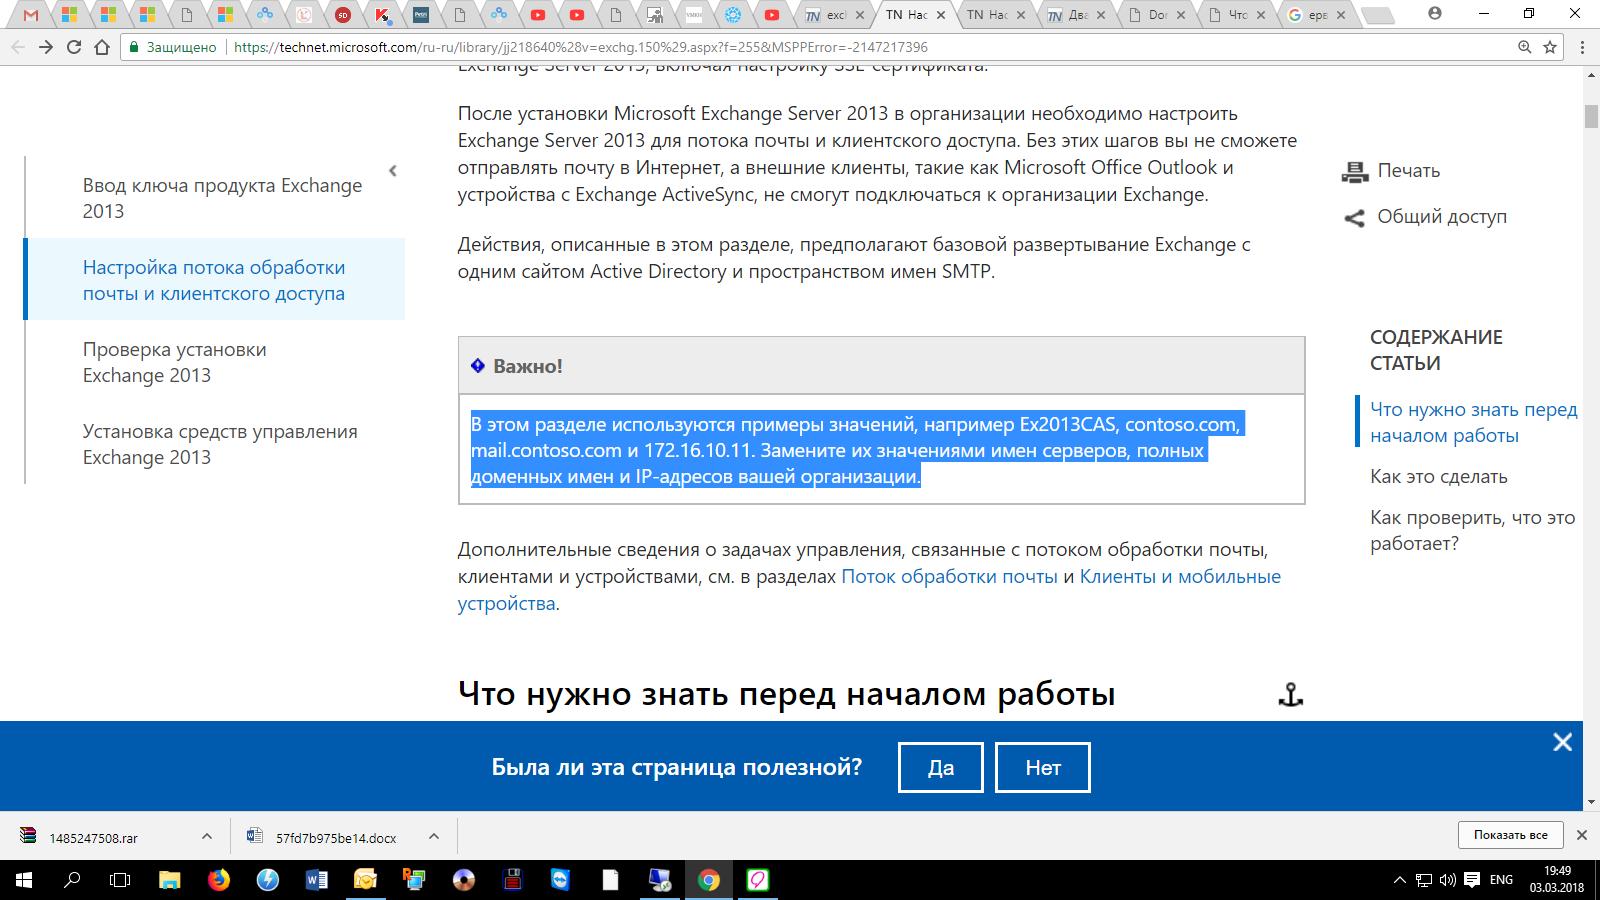 а на примере указан домен совпадает , что с AD и домен для приема внешних почт